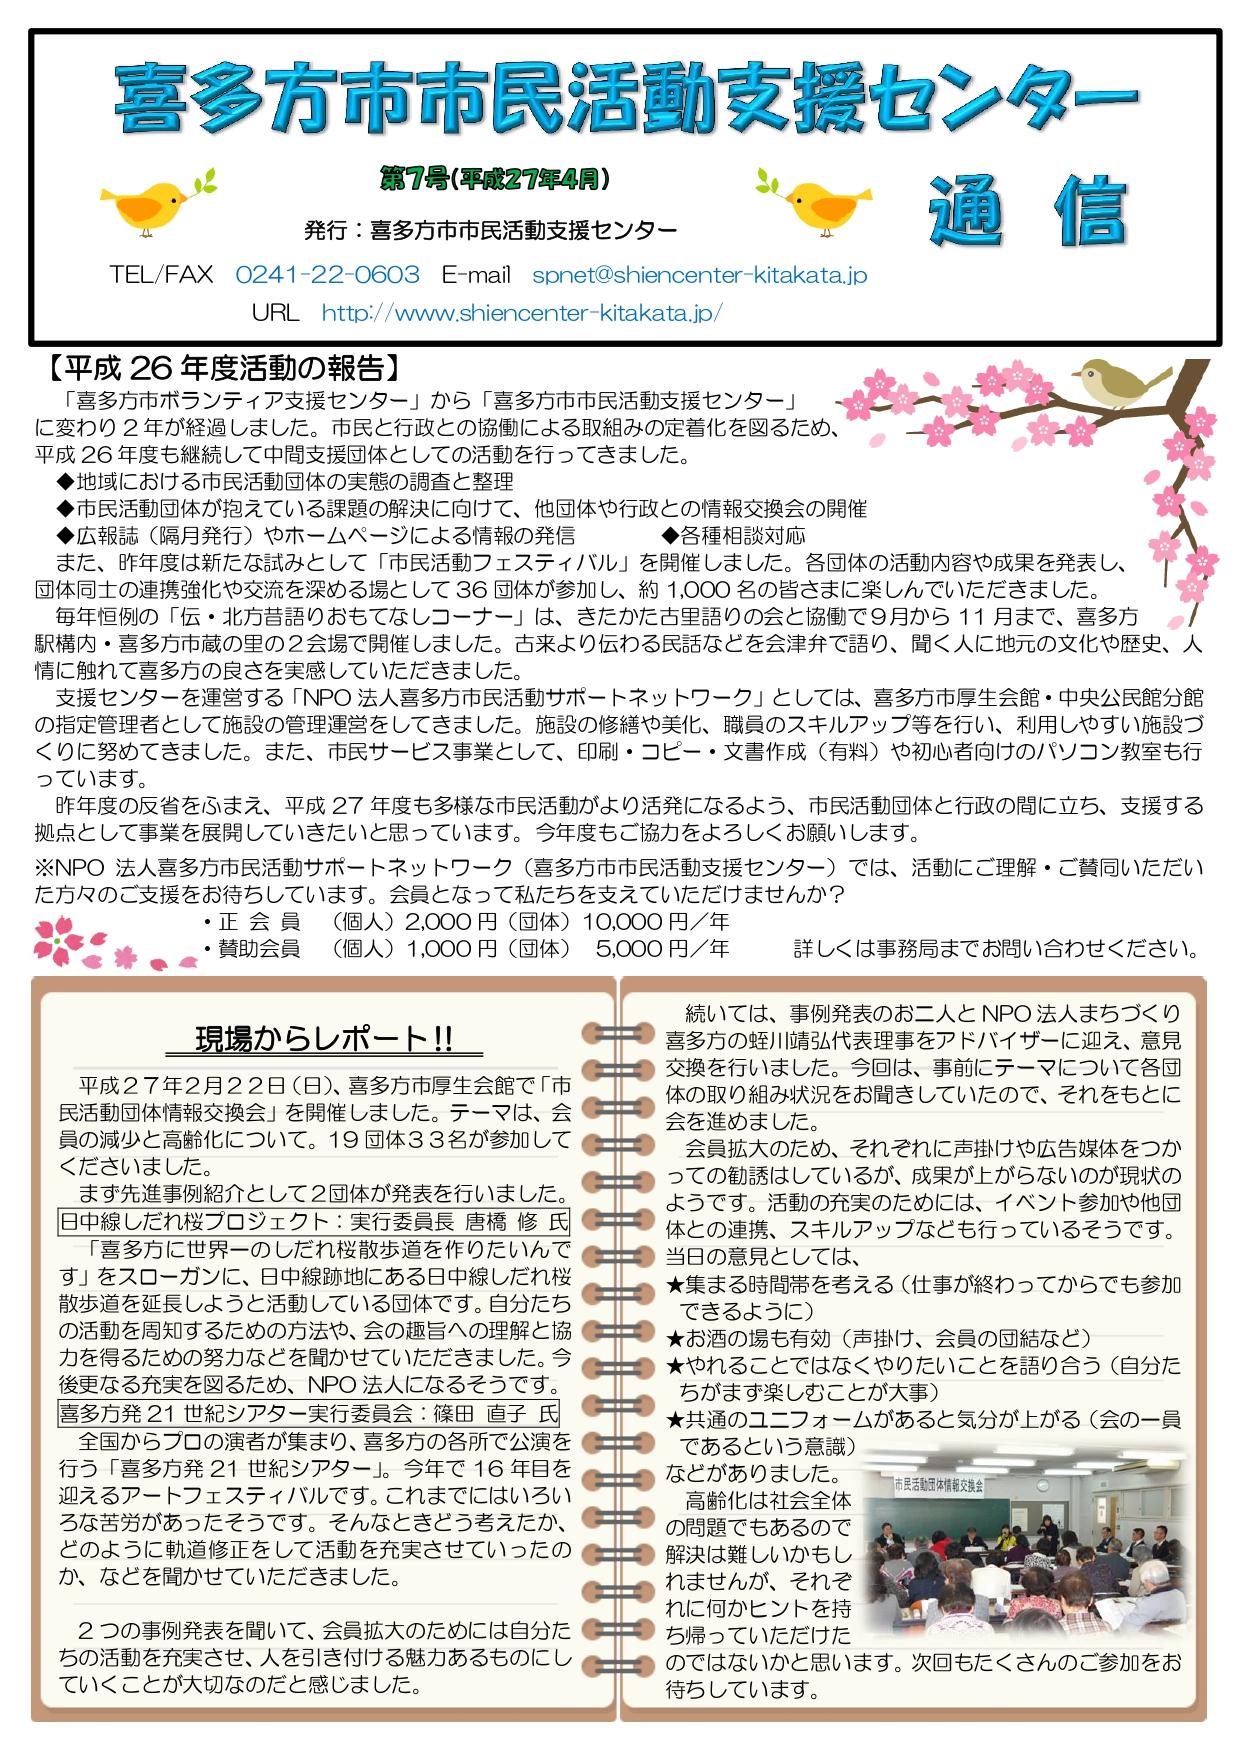 喜多方市市民活動支援センター通信 第7号(平成27年4月発行)